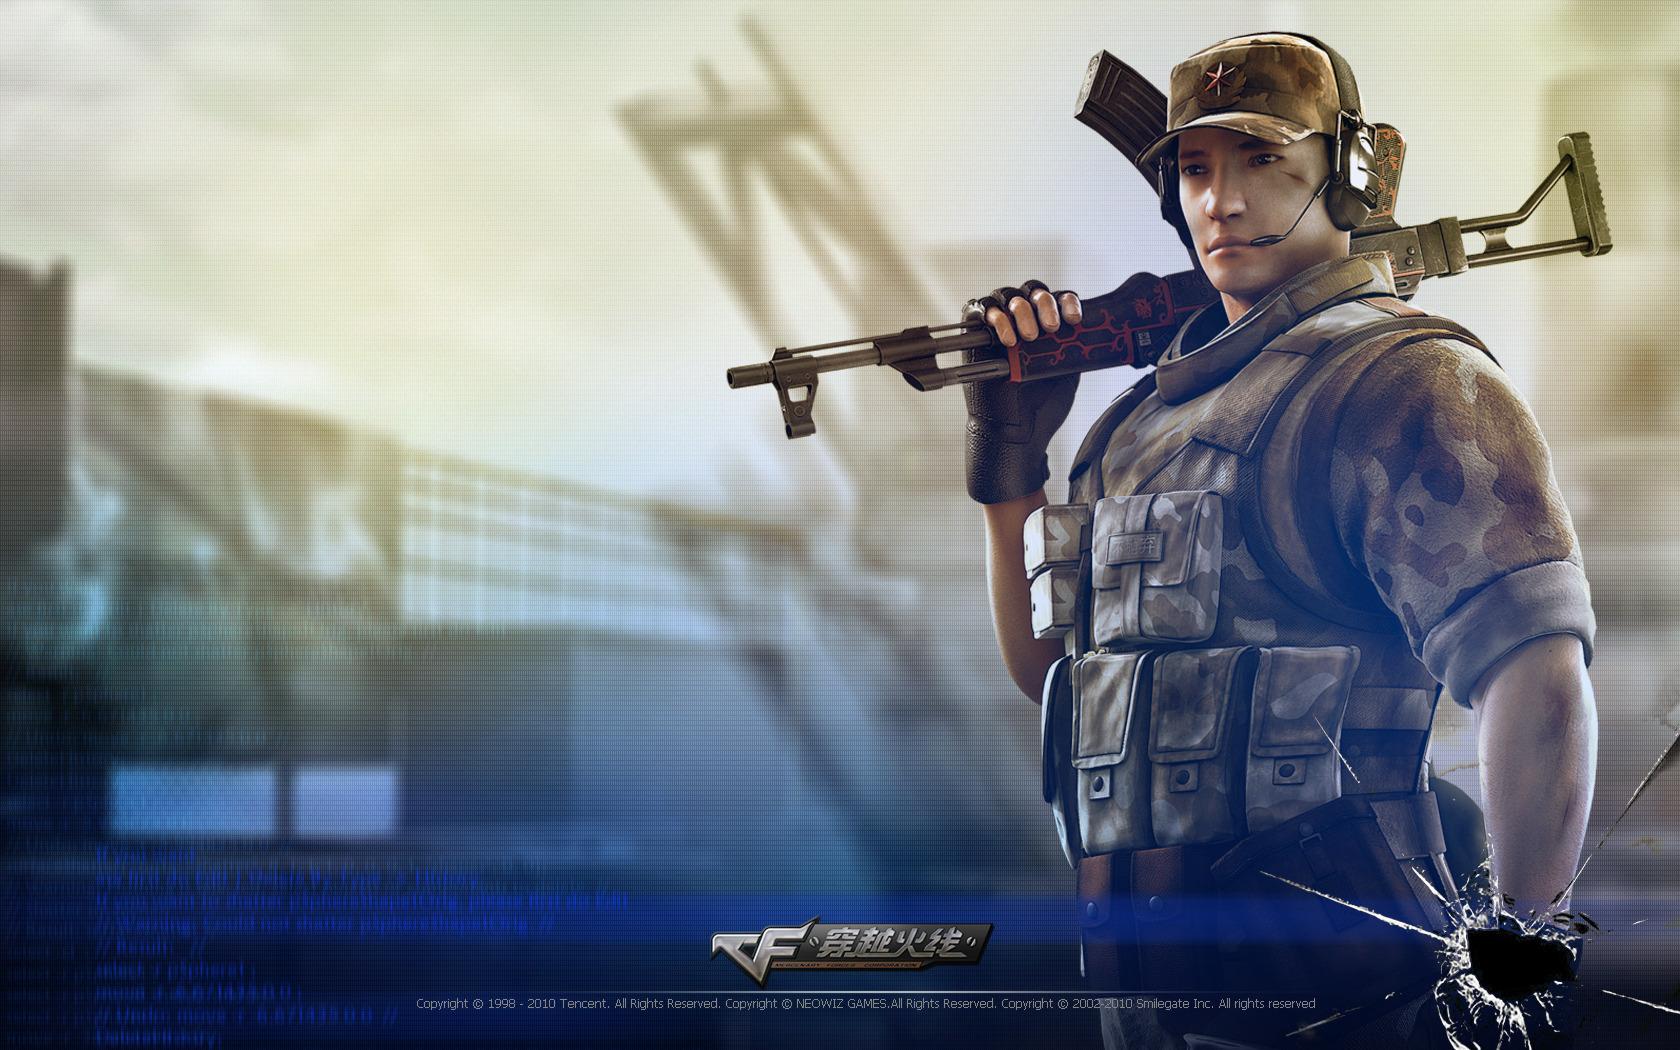 cf下载_穿越火线(cross fire) - 游戏图片   图片下载   游戏